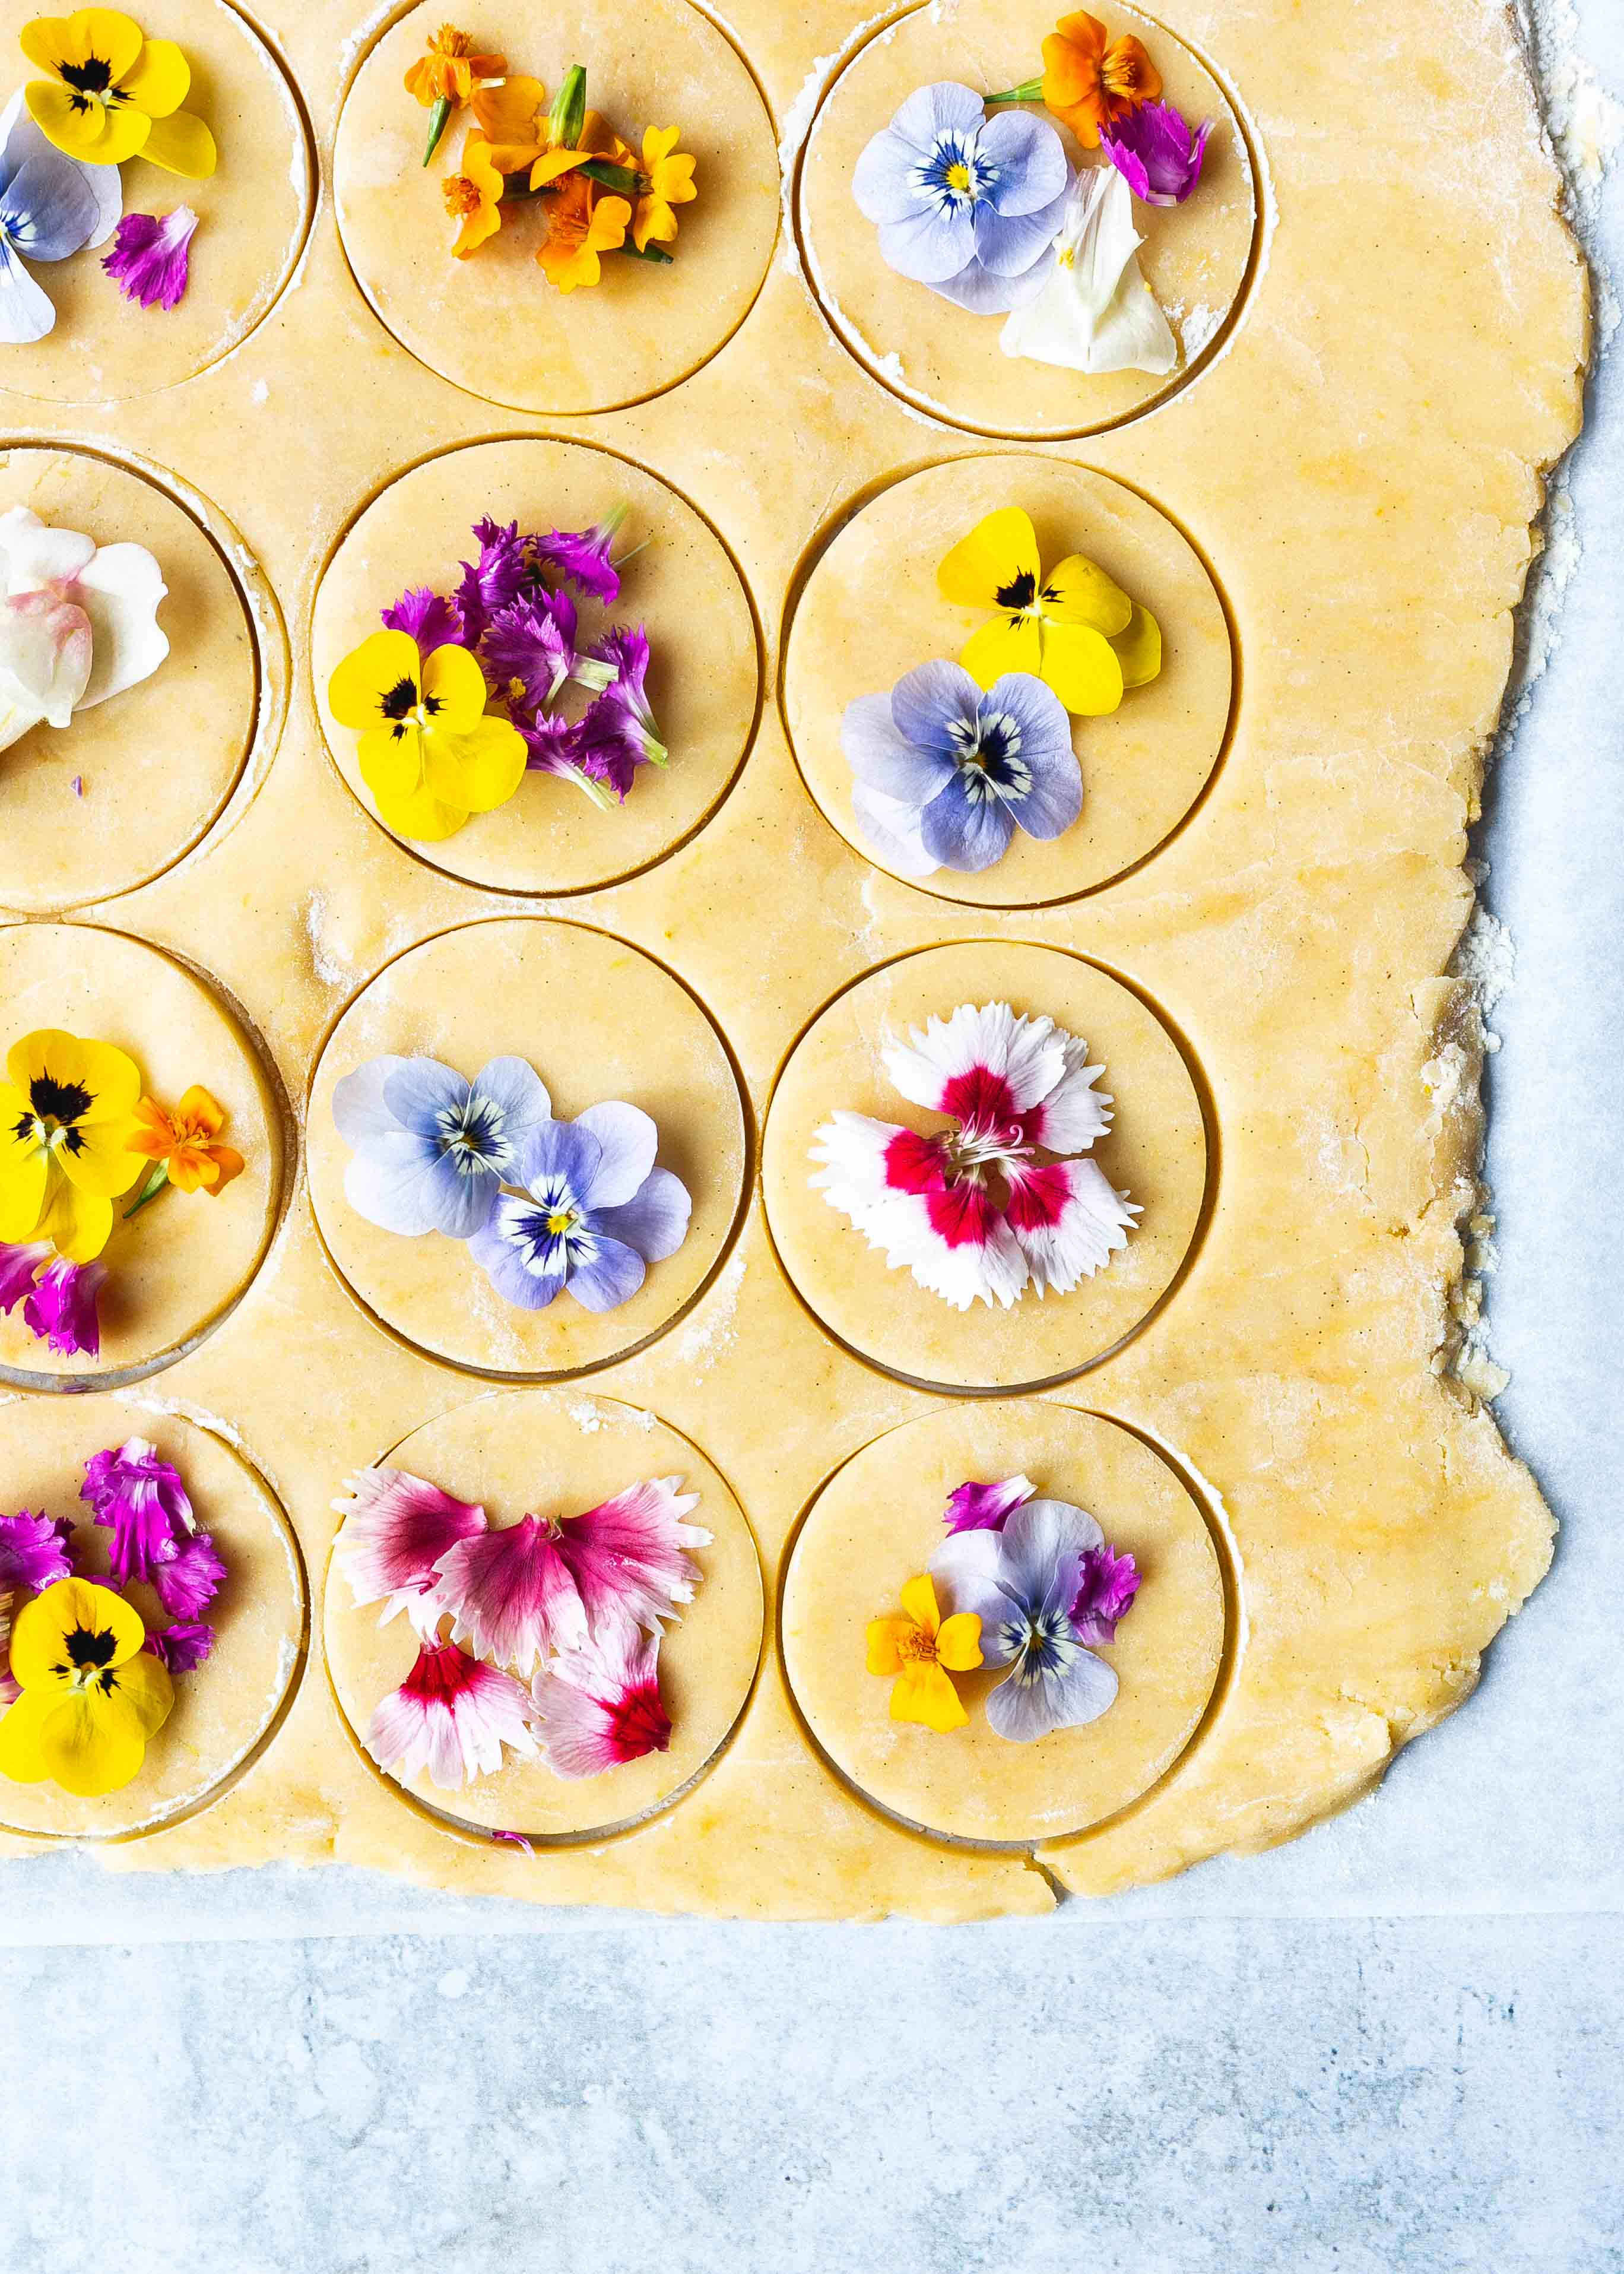 Cookie cut Edible flower low FODMAP shortbread cookies